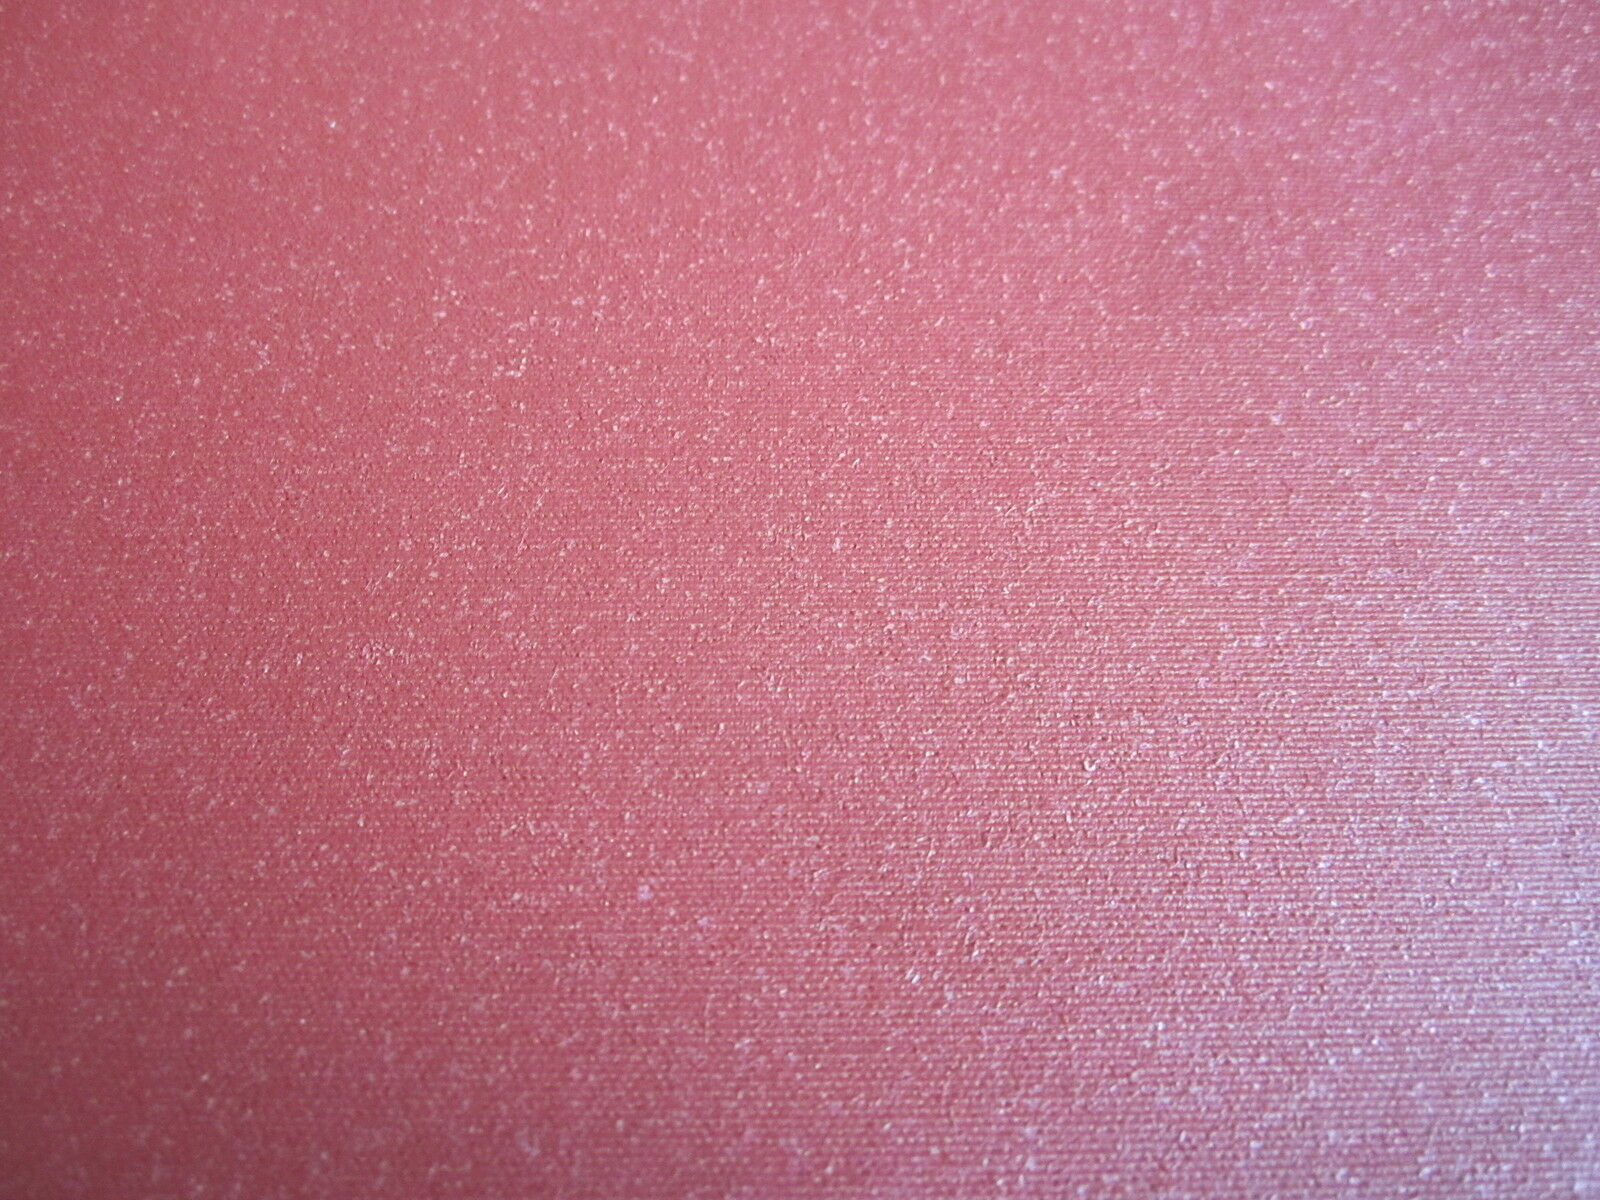 AIRTEX Premium Sonnenschutz Persenningstoff in 195 gr m² m² m² 1,70 meter Rot | Düsseldorf Eröffnung  | Bevorzugtes Material  | Stilvoll und lustig  bf0563